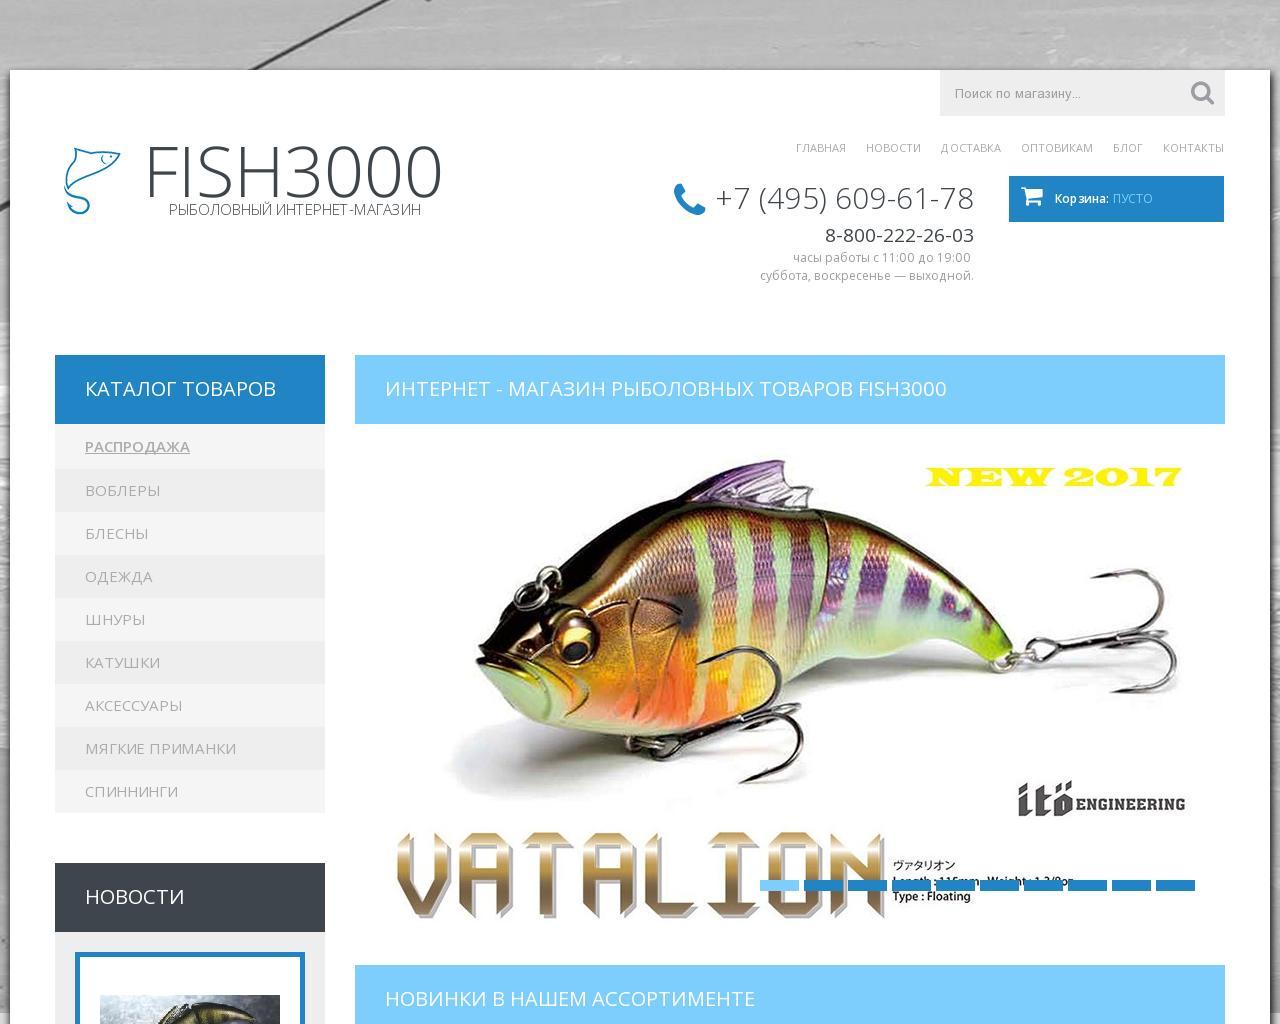 интернет магазины по товарам о рыбалке